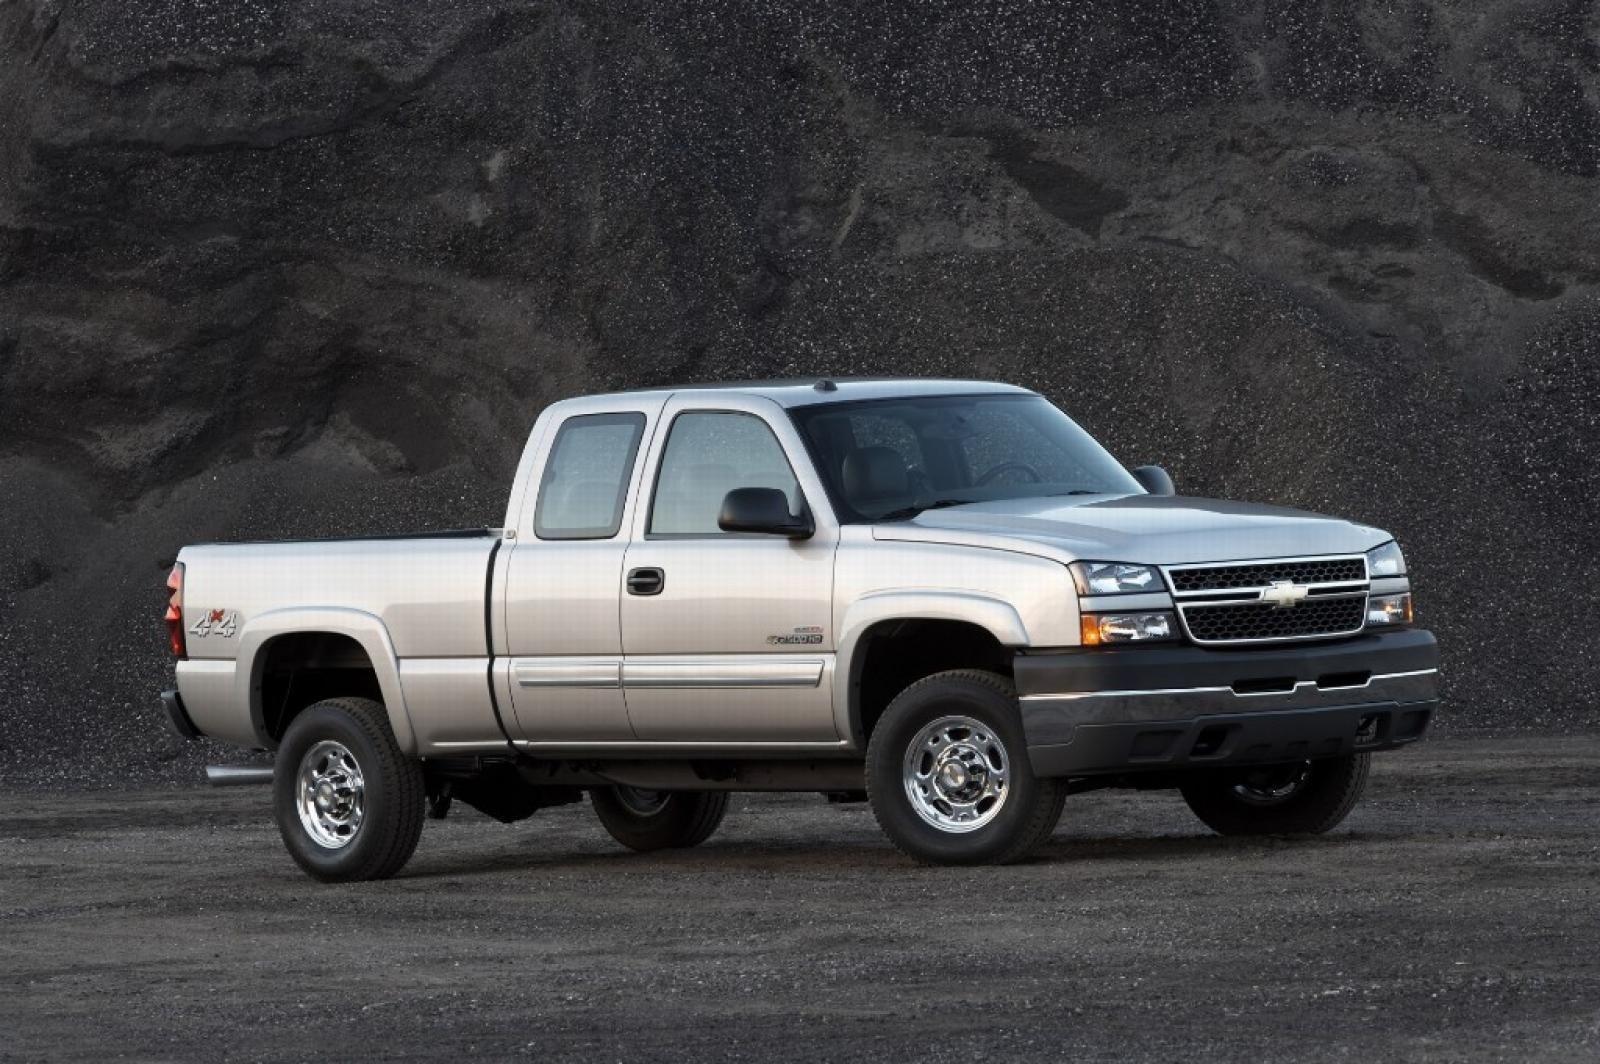 Truck chevy 2007 truck : Best Trucks Under $8,000: The 2007 #Chevy Silverado 1500 ...